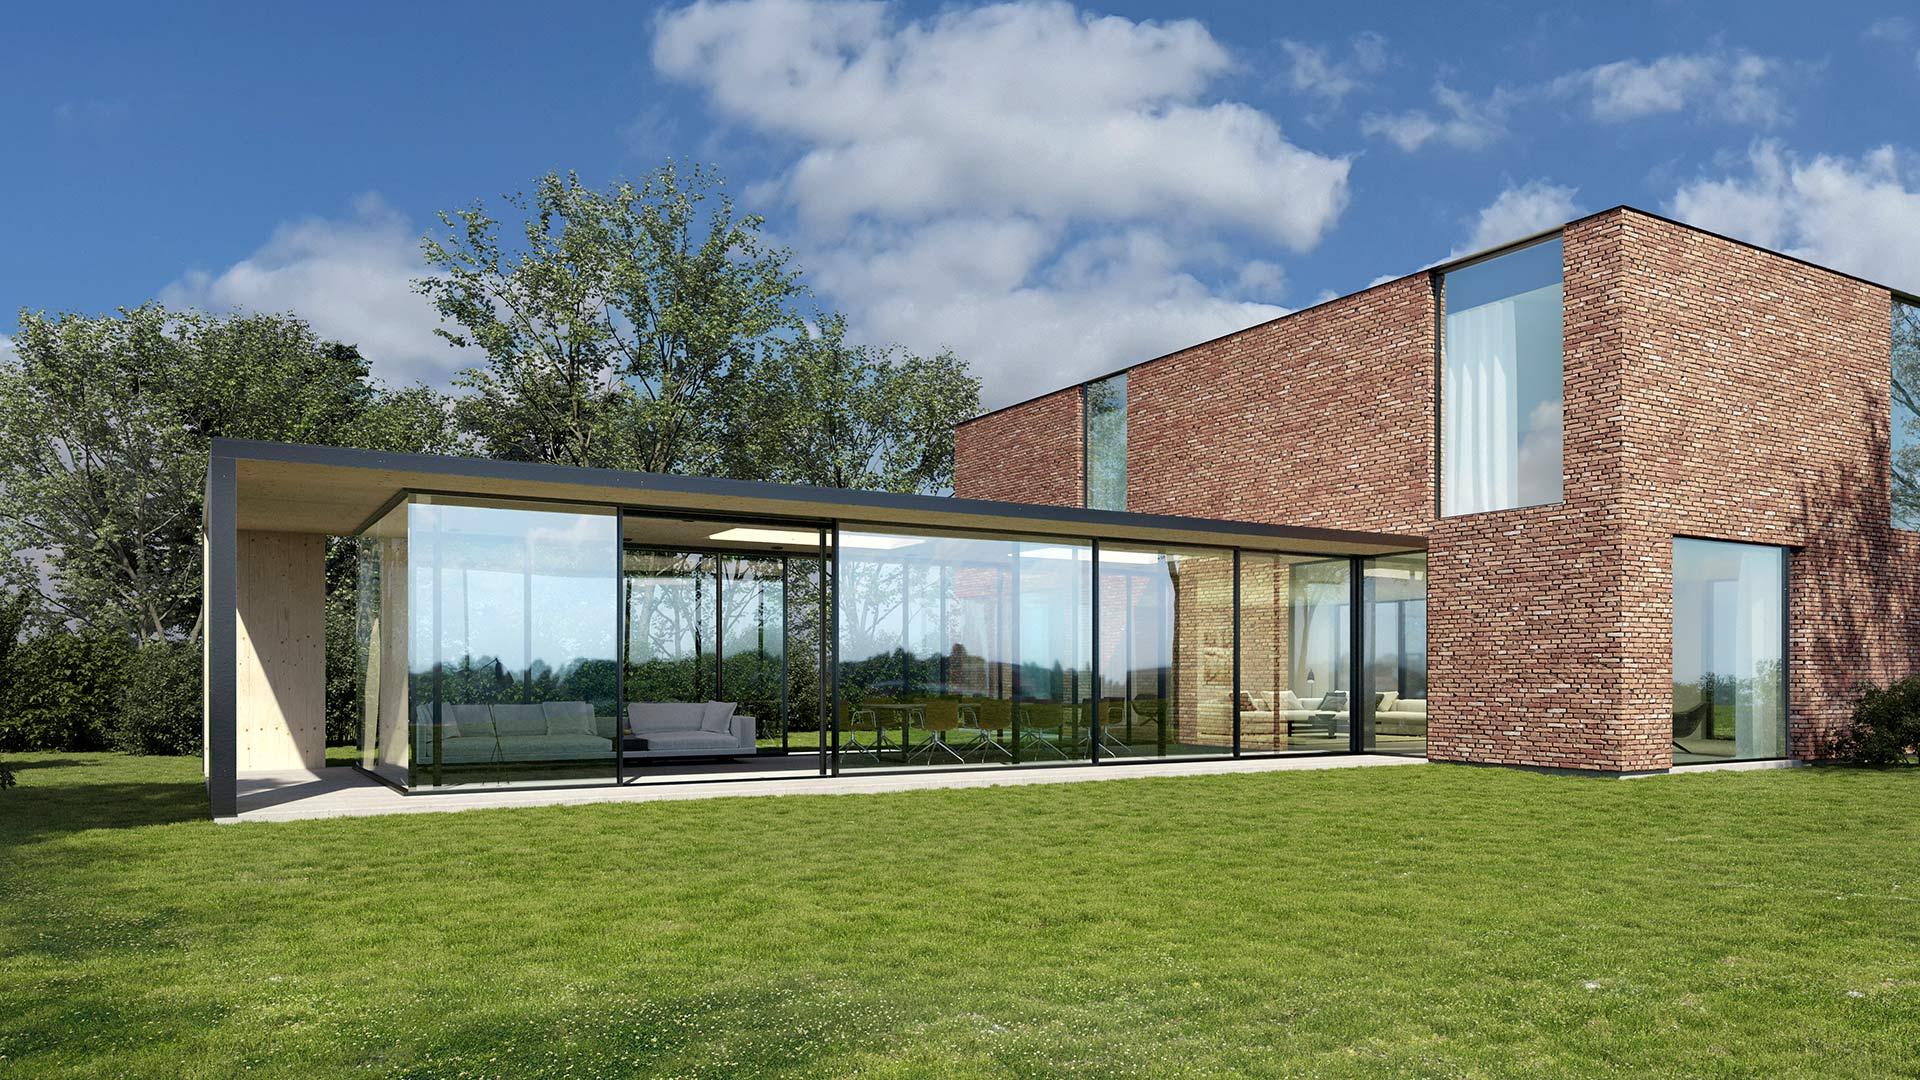 Une image contenant herbe, extérieur, ciel, bâtiment  Description générée automatiquement